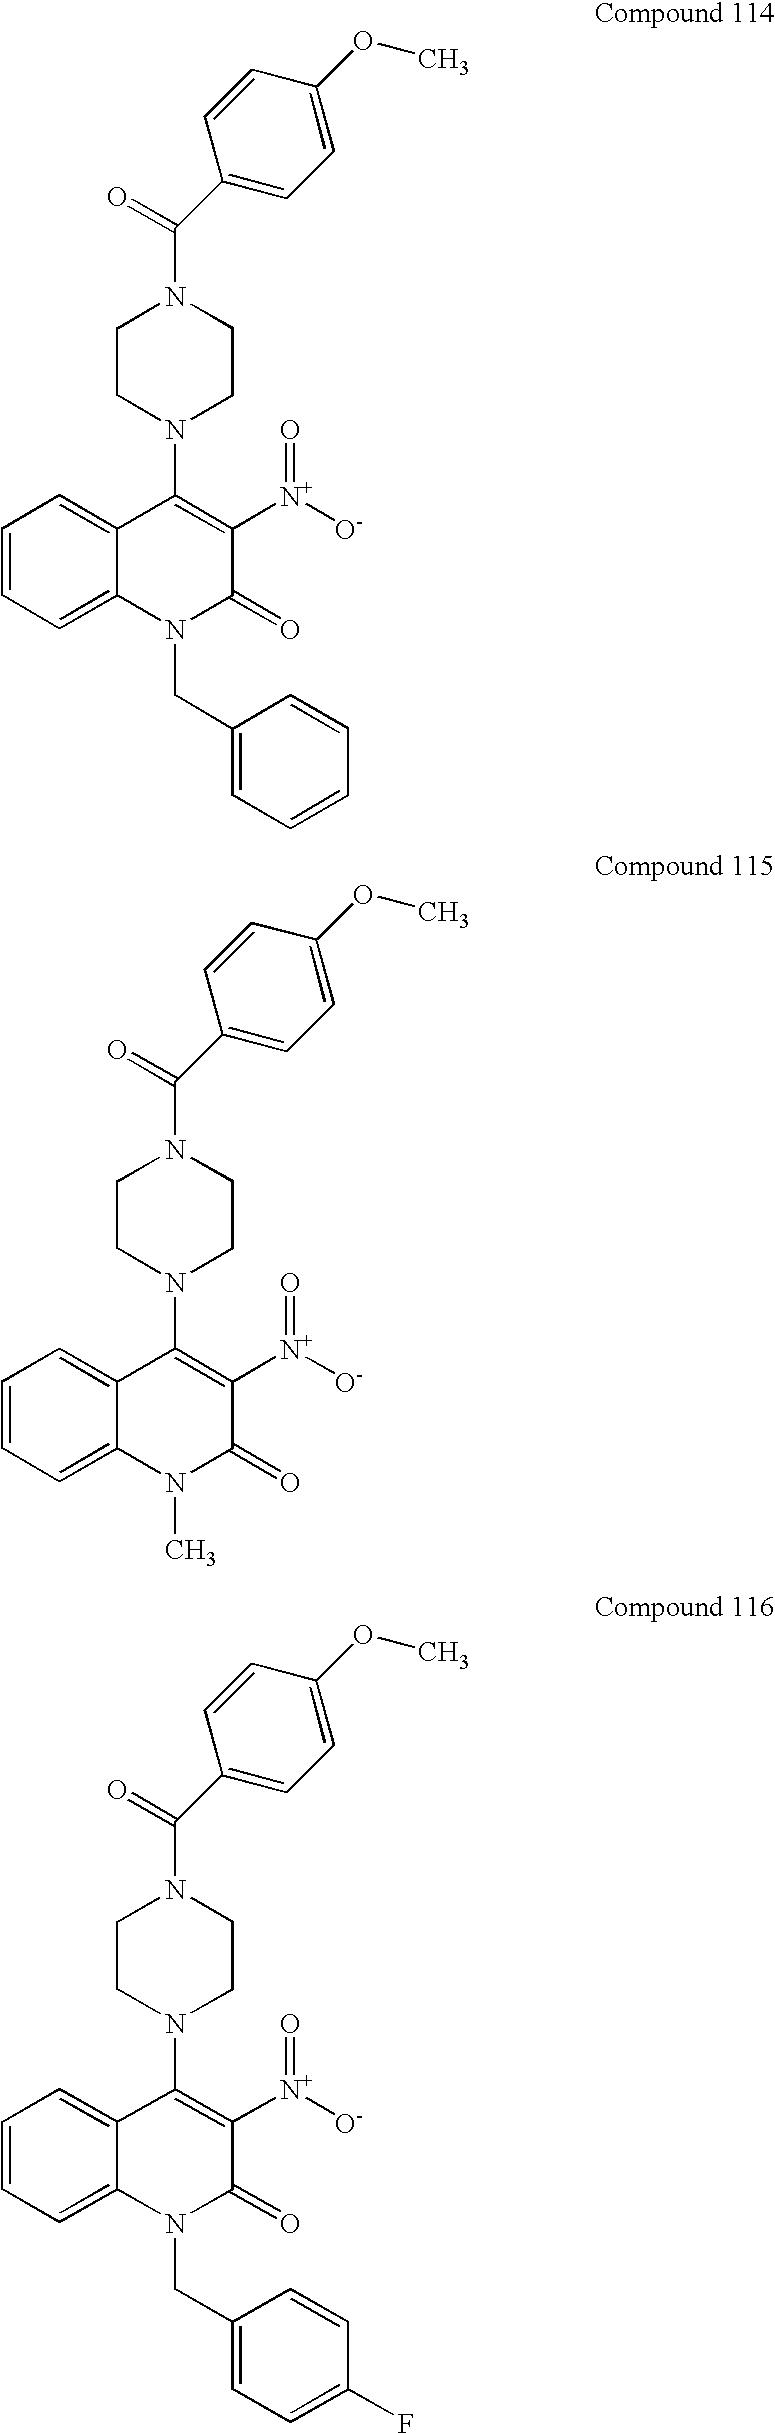 Figure US07230106-20070612-C00088